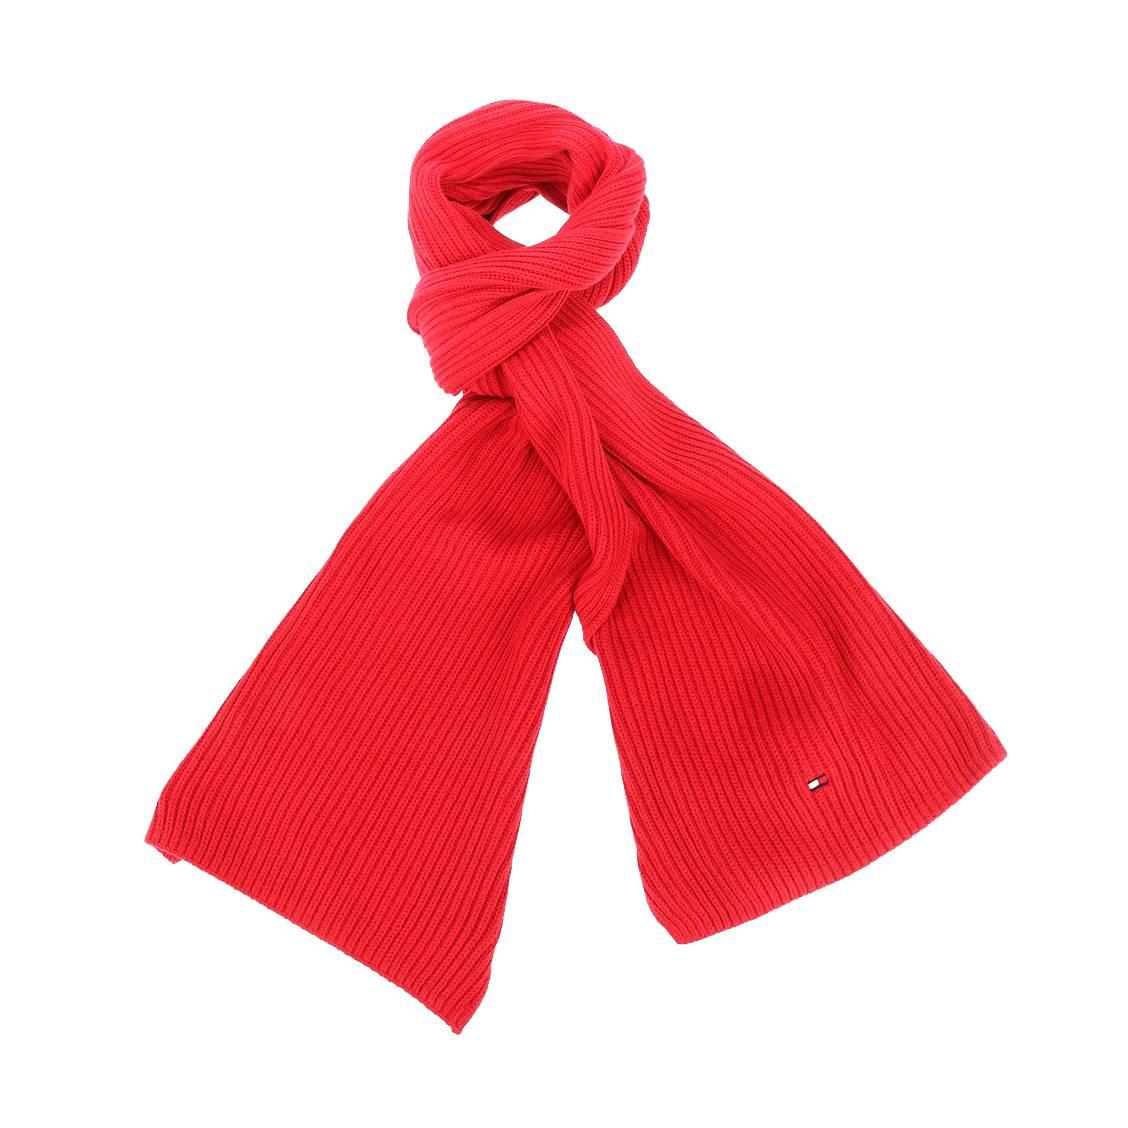 Echarpe tommy hilfiger en coton pima et cachemire rouge